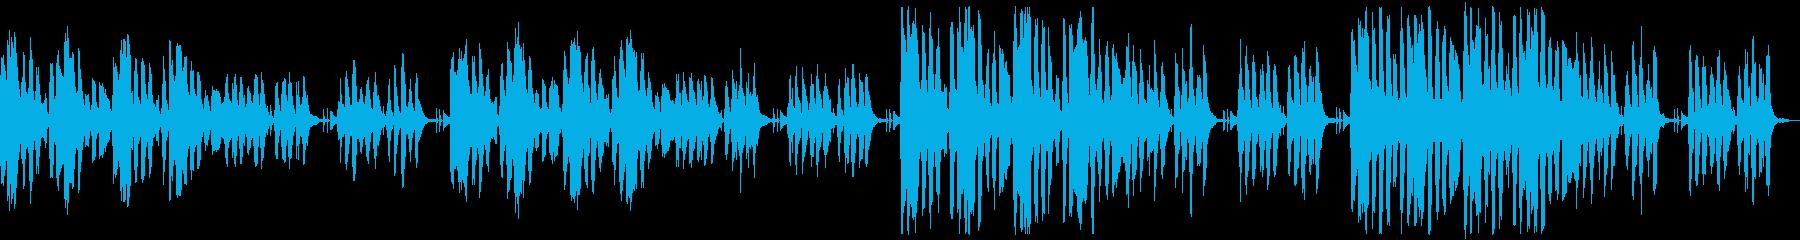 かわいくコミカルなリコーダーのループ曲の再生済みの波形